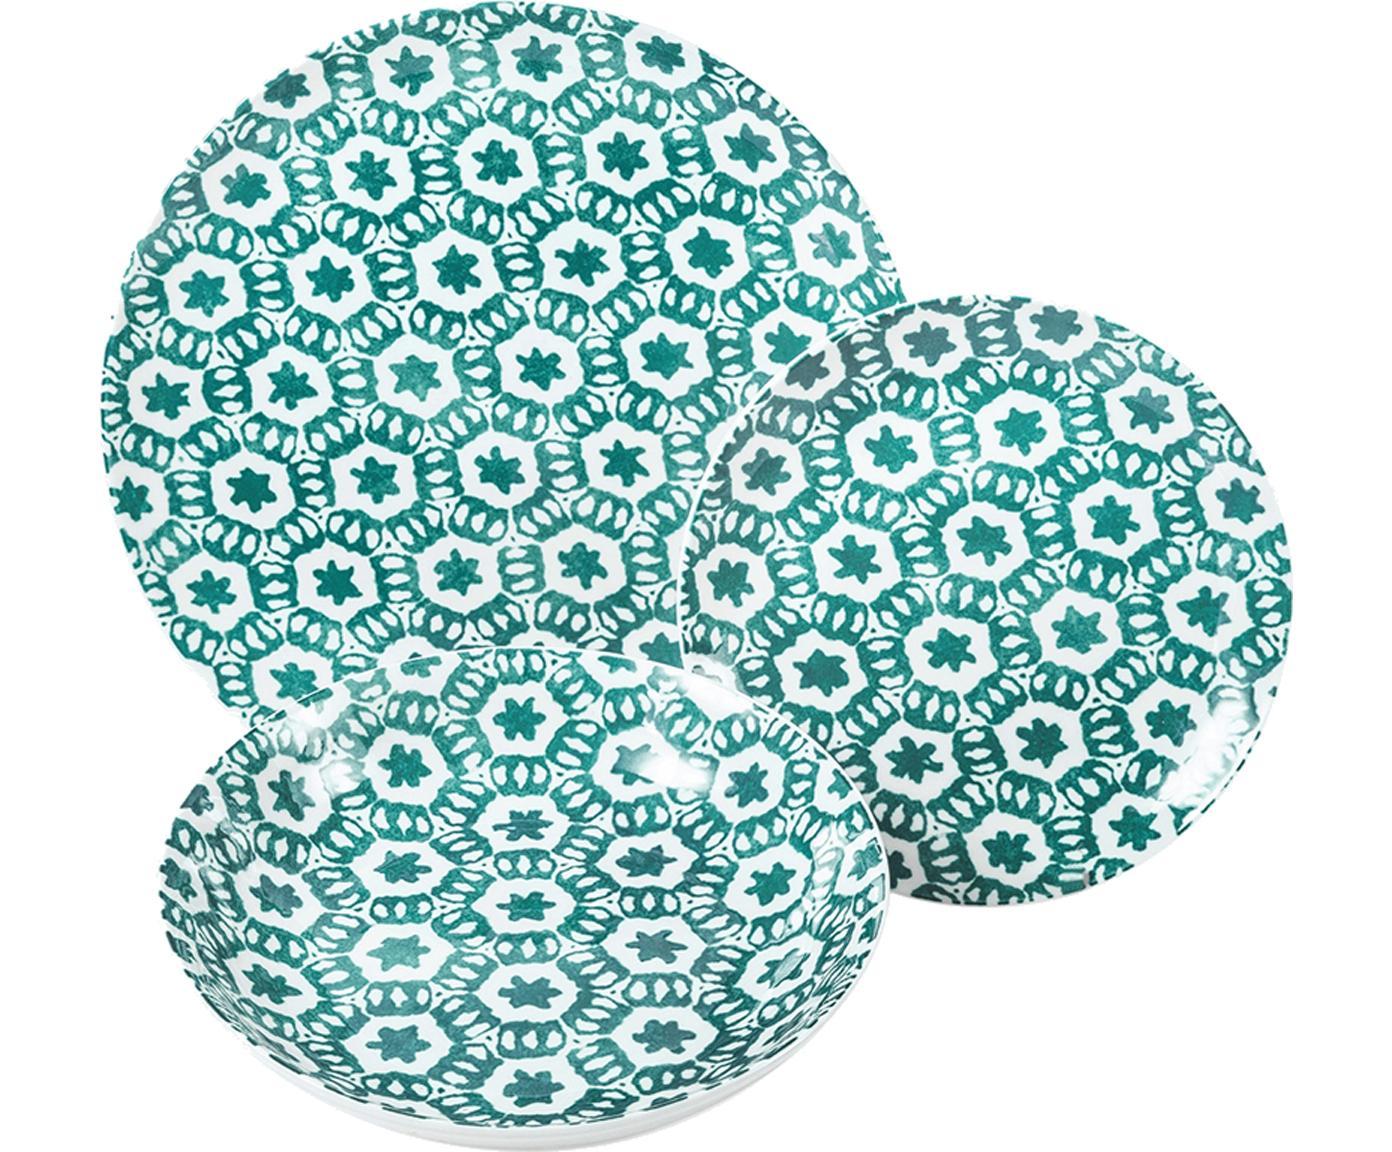 Komplet naczyń  Bodrum, 18 elem., Porcelana, Turkusowy, biały, Różne rozmiary